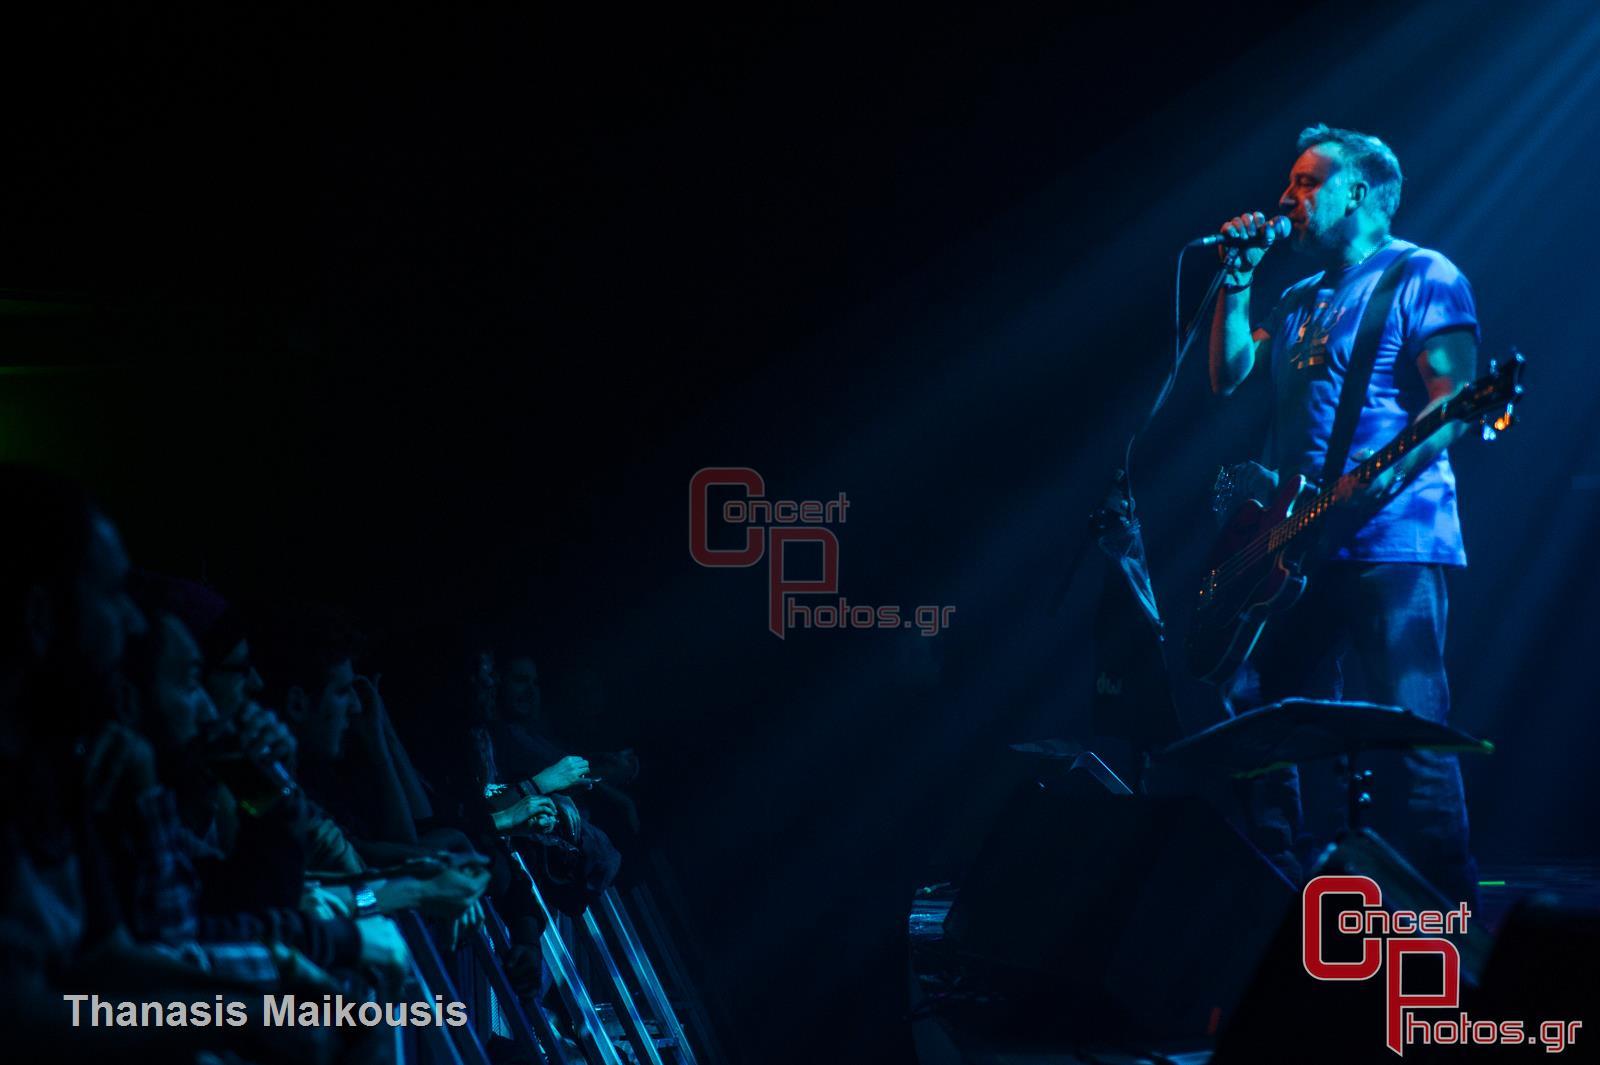 Peter Hook & The Light-Peter Hook & The Light photographer: Thanasis Maikousis - ConcertPhotos-0732